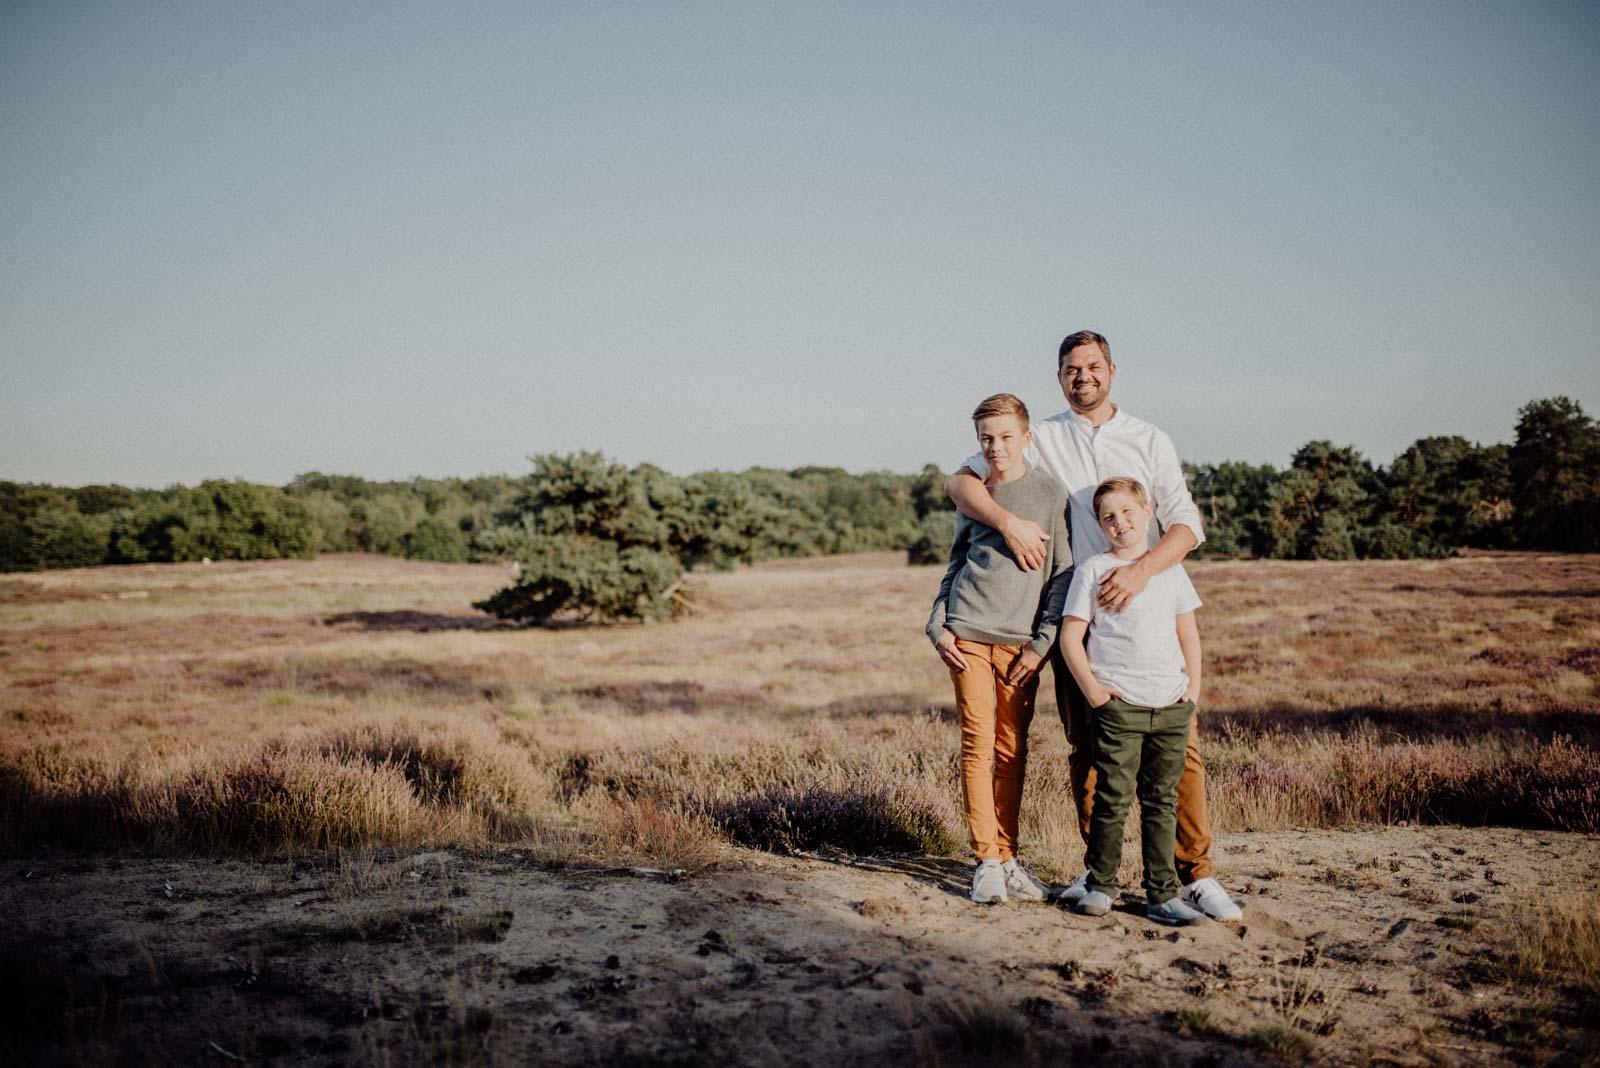 017-Familienfotos-Familienreportage-Heideshooting-natürlich-Heide